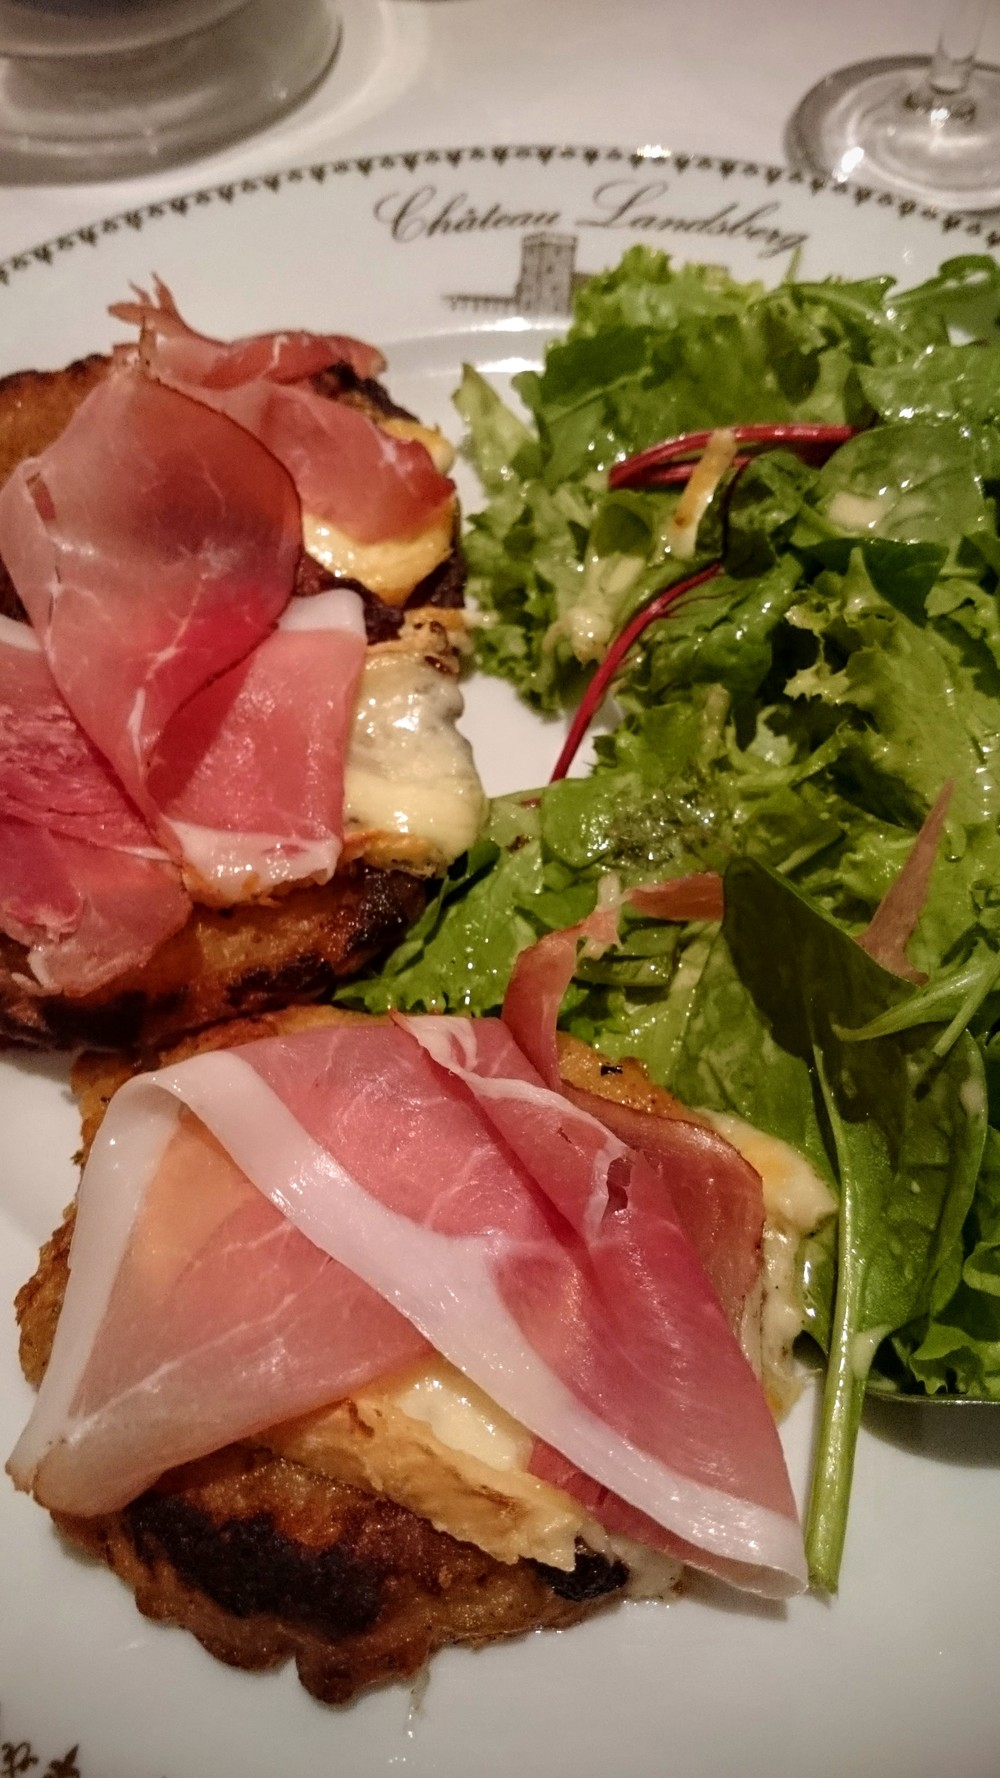 Galettes alsatiennes avec jambon d'Alsace et munster. Extra.